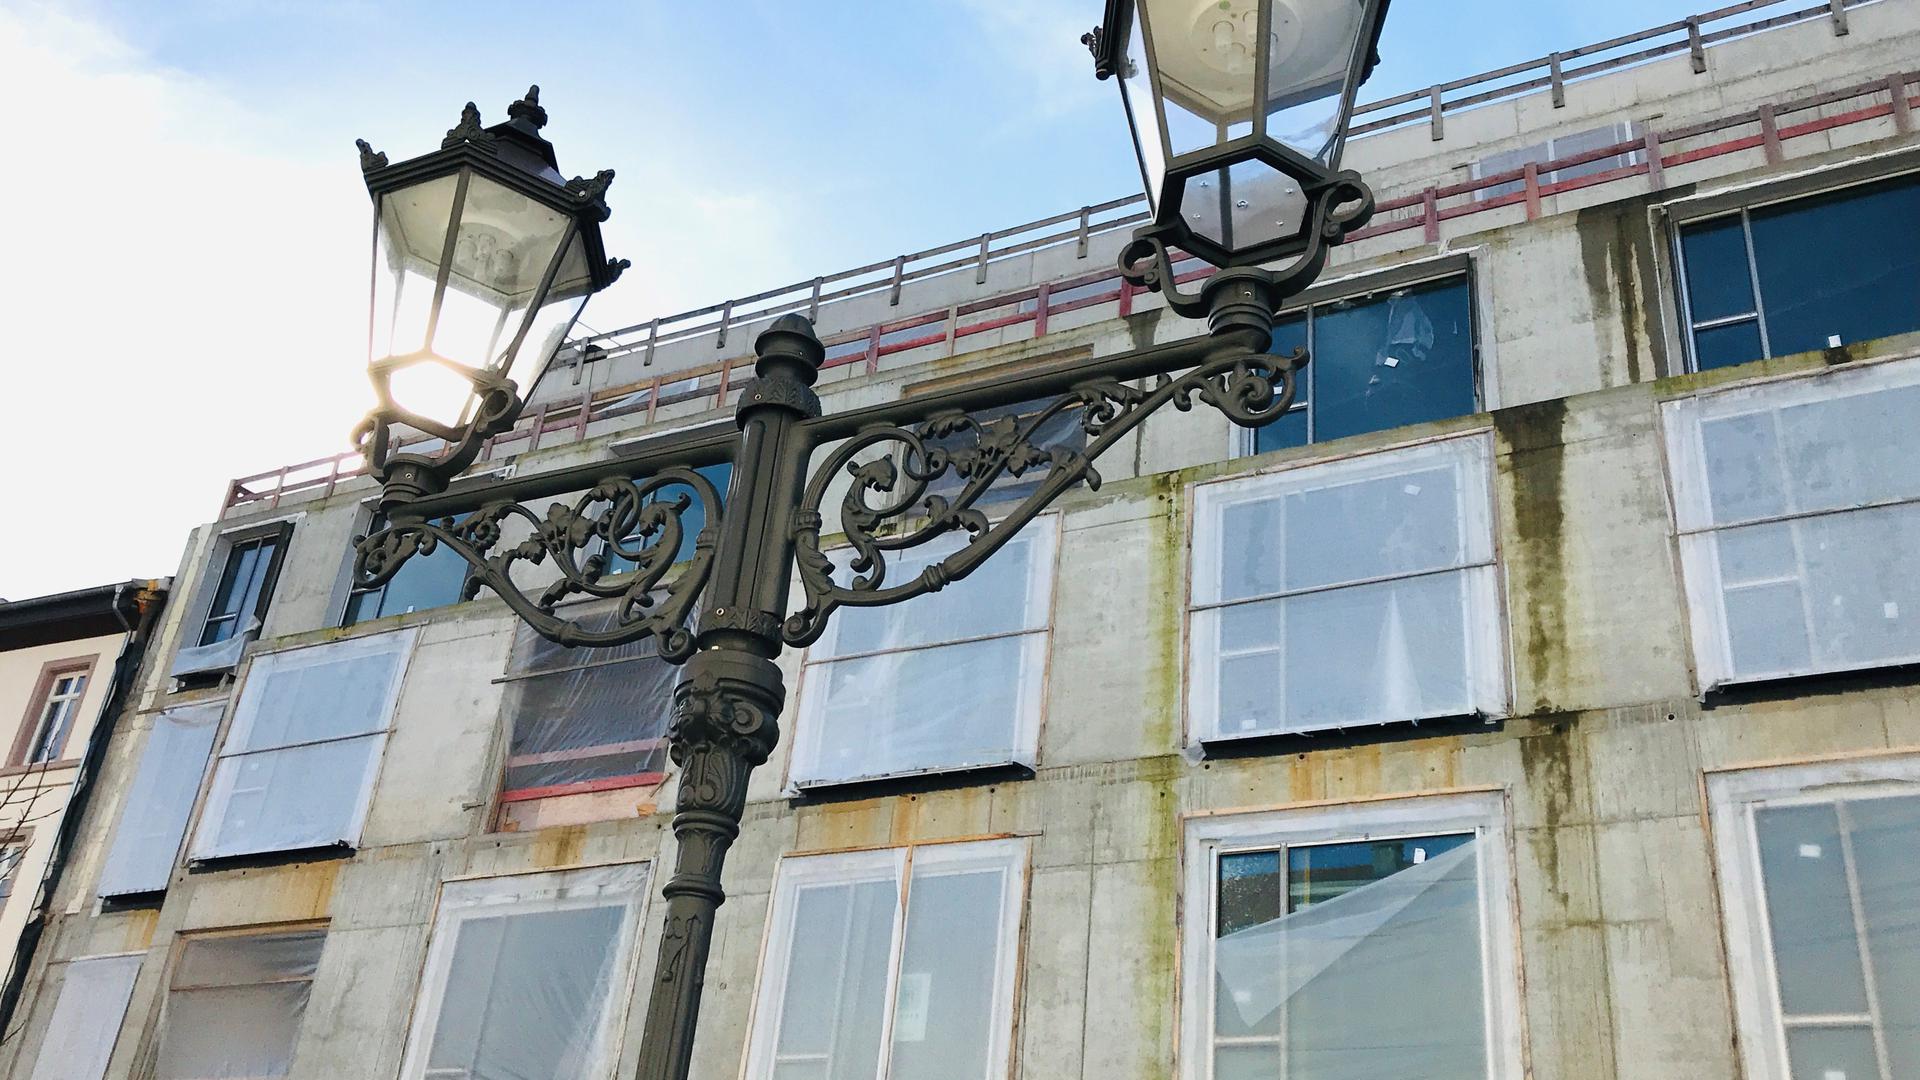 Laternen stehen vor der Baustelle Europäischer Hof in Baden-Baden